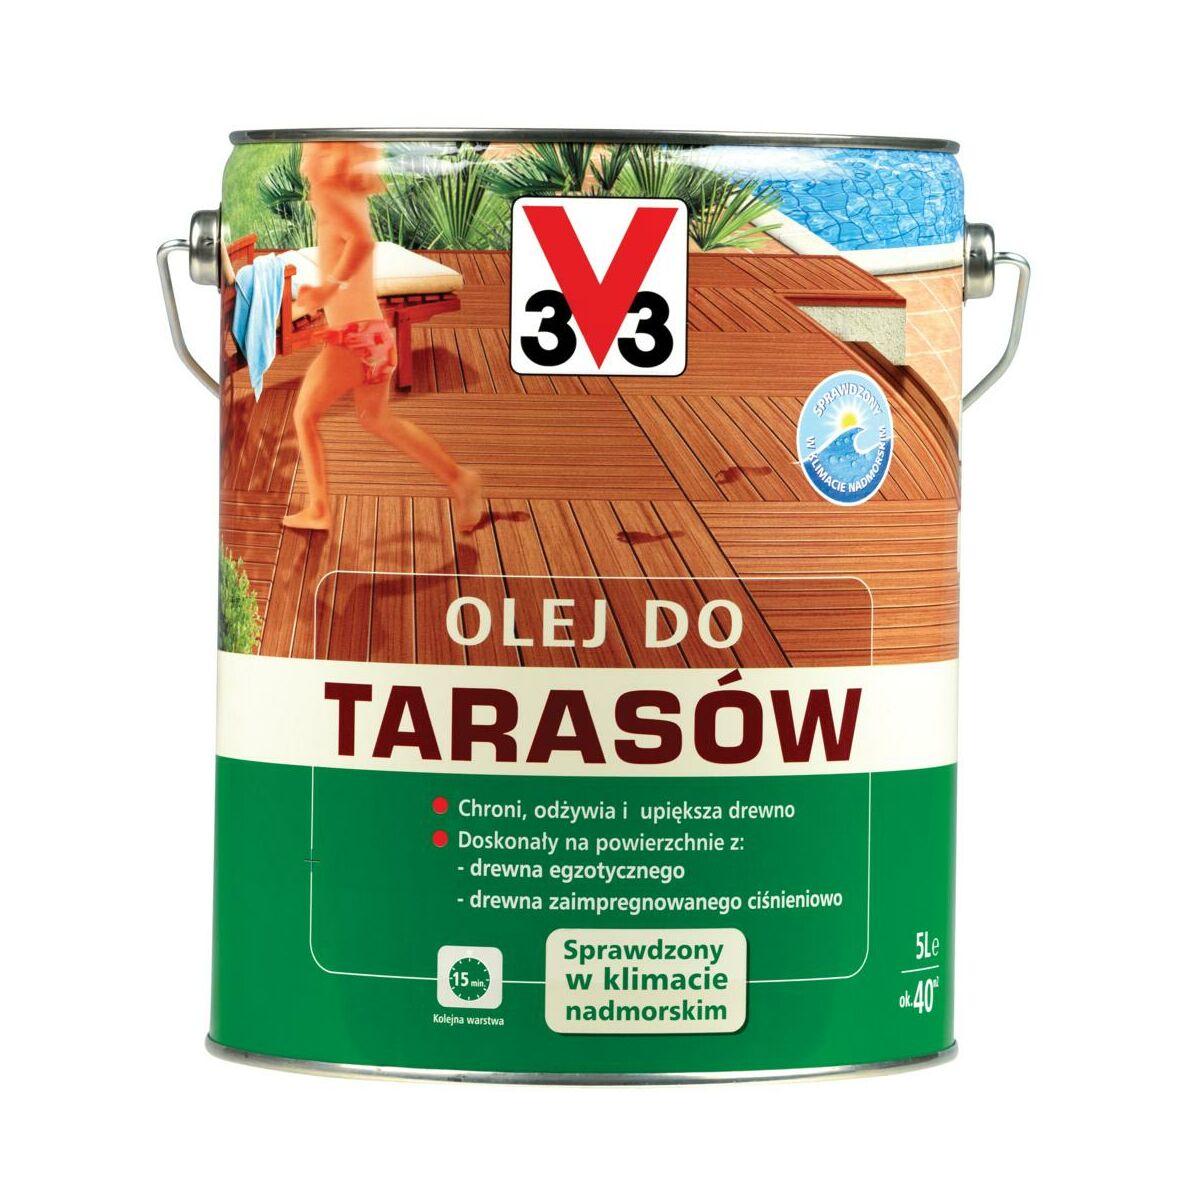 Olej Do Tarasow 5 L Palisander V33 Preparaty I Oleje Do Tarasow W Atrakcyjnej Cenie W Sklepach Leroy Merlin